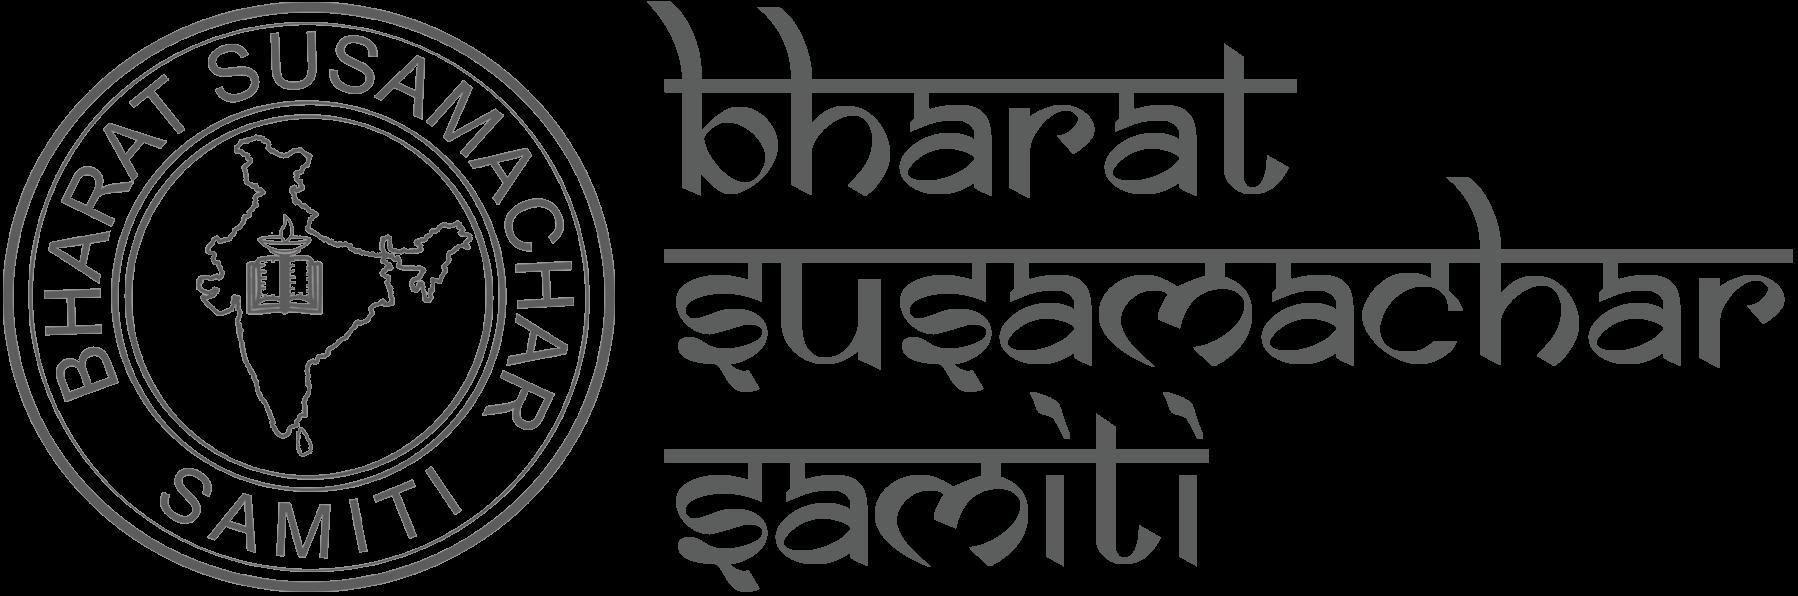 Bharat Susamachar Samiti